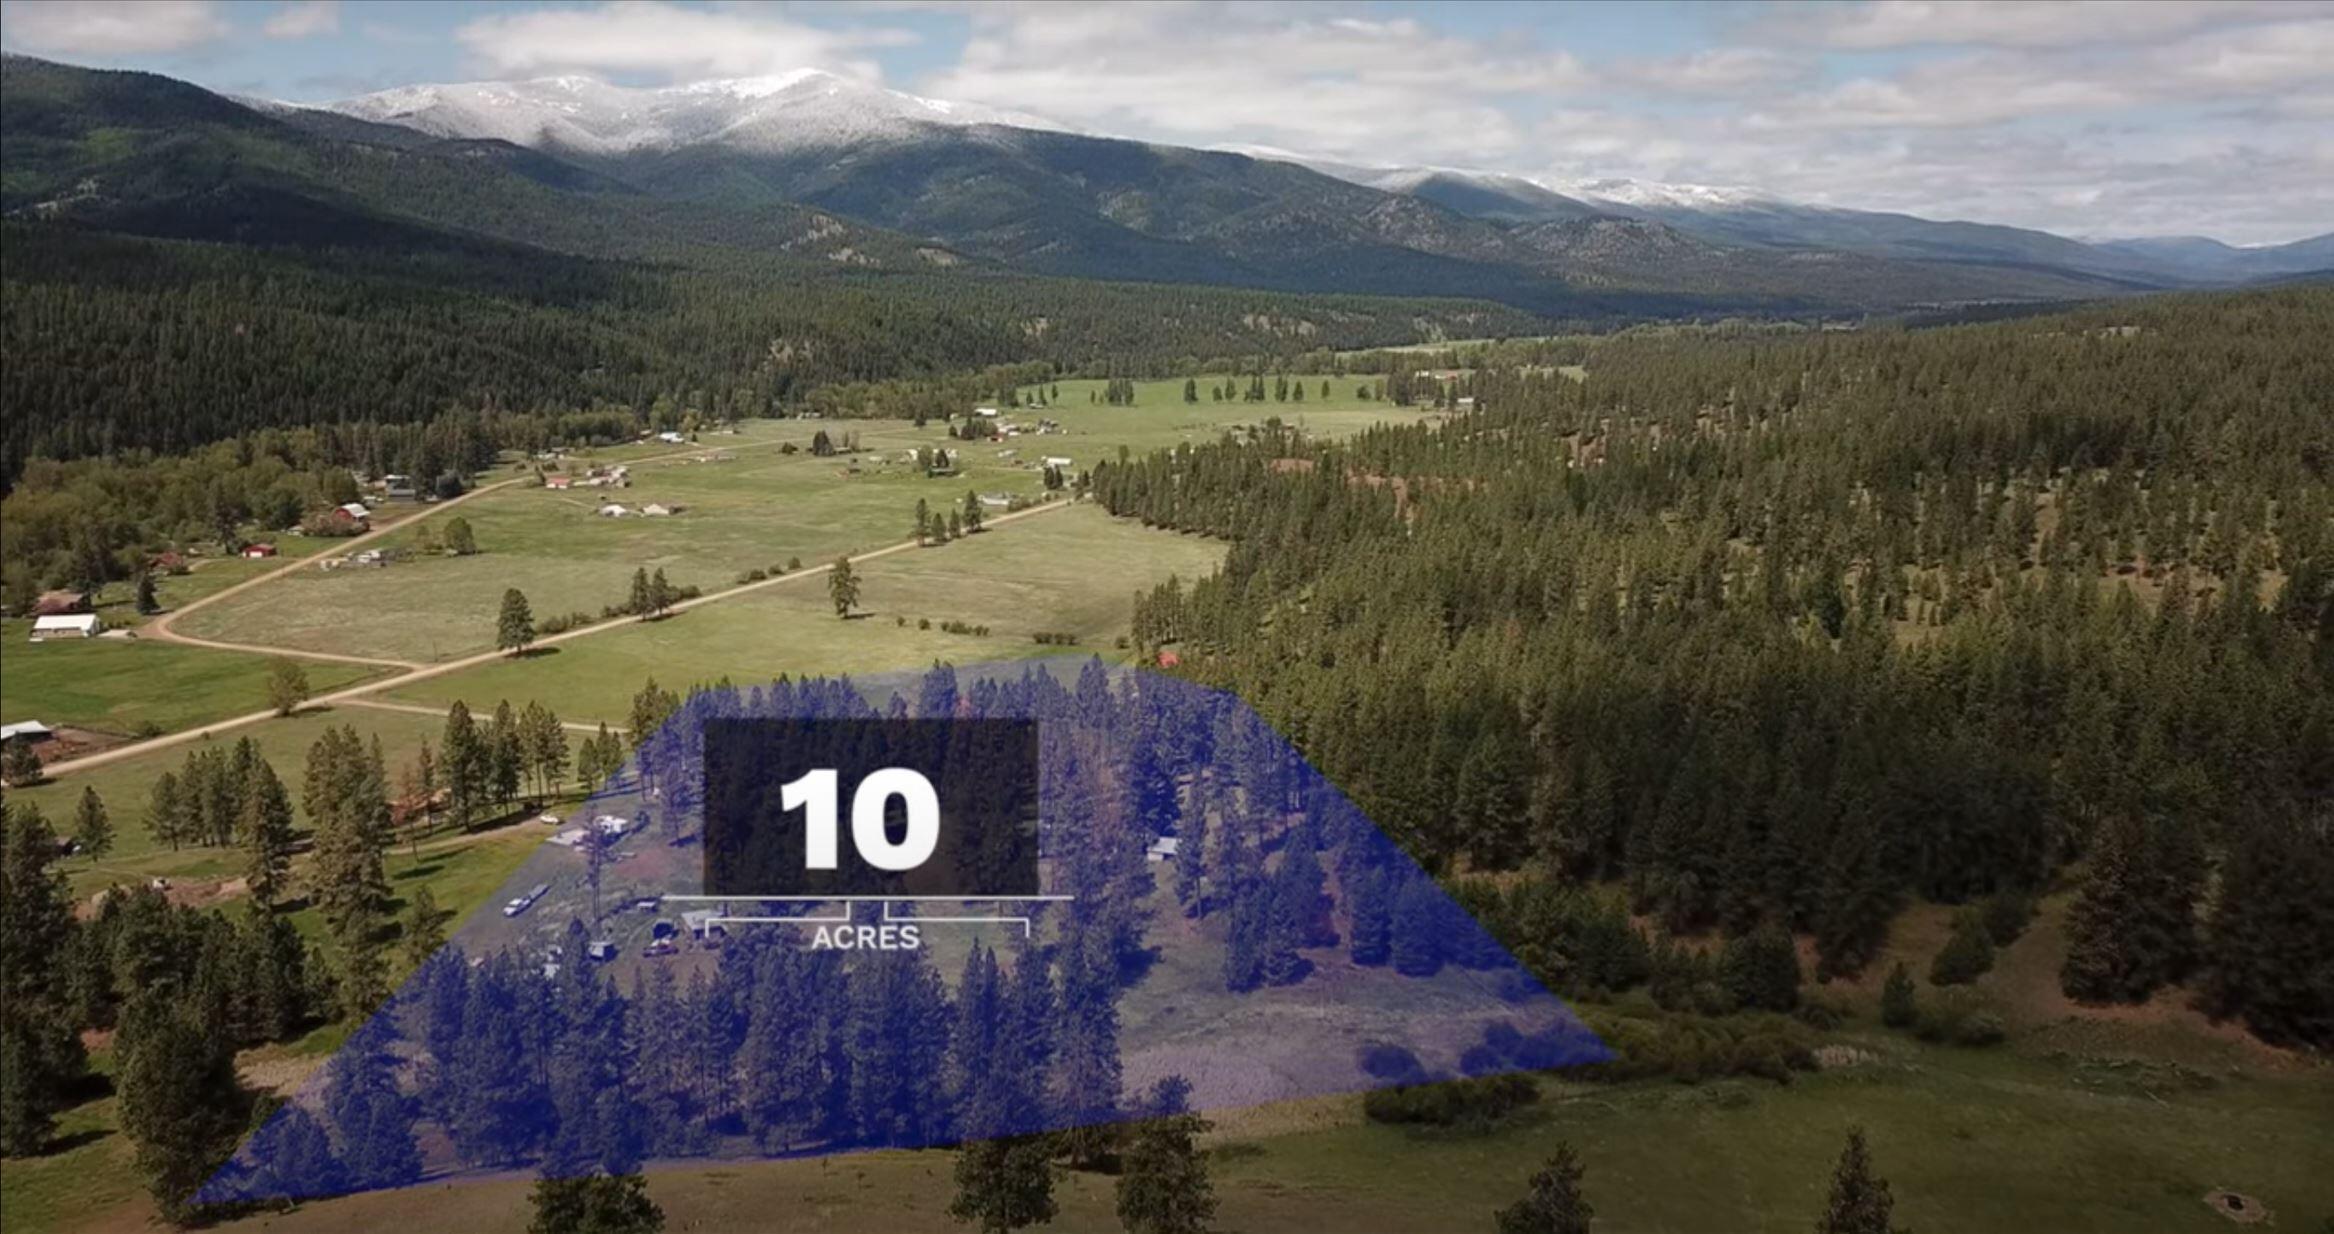 10 acres aerial